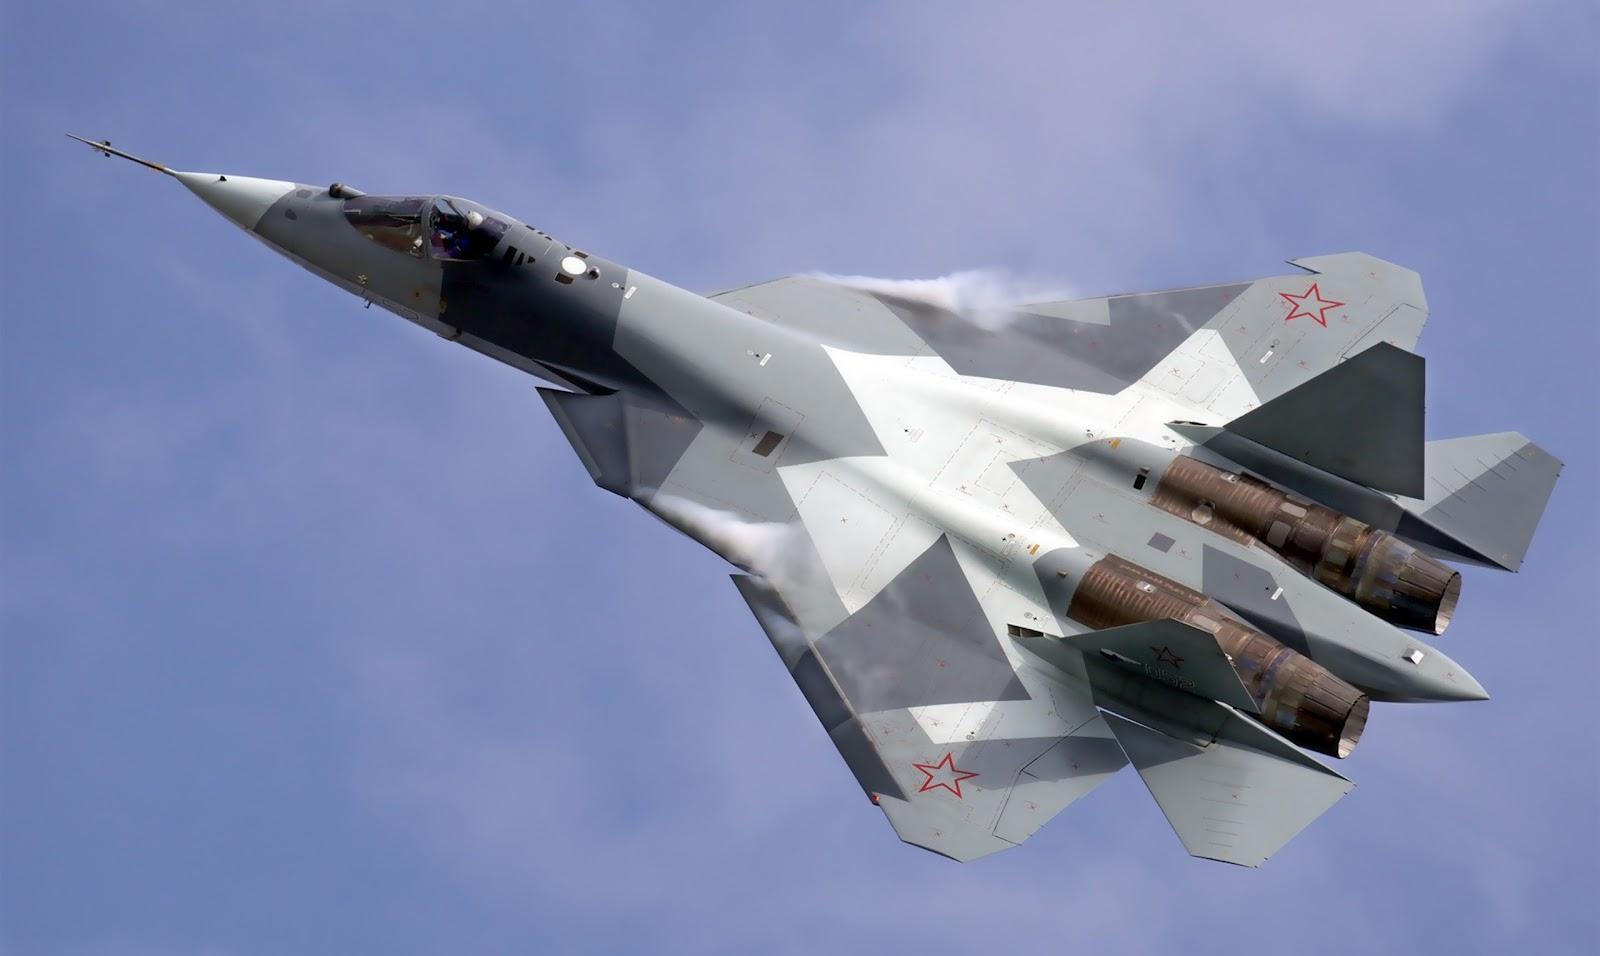 http://3.bp.blogspot.com/-5TdoUPmn_V4/UAt_lqsVY1I/AAAAAAAAKt8/HcPtZwrHXi0/s1600/sukhoi_t50_pak_fa_russian_air_force.jpg